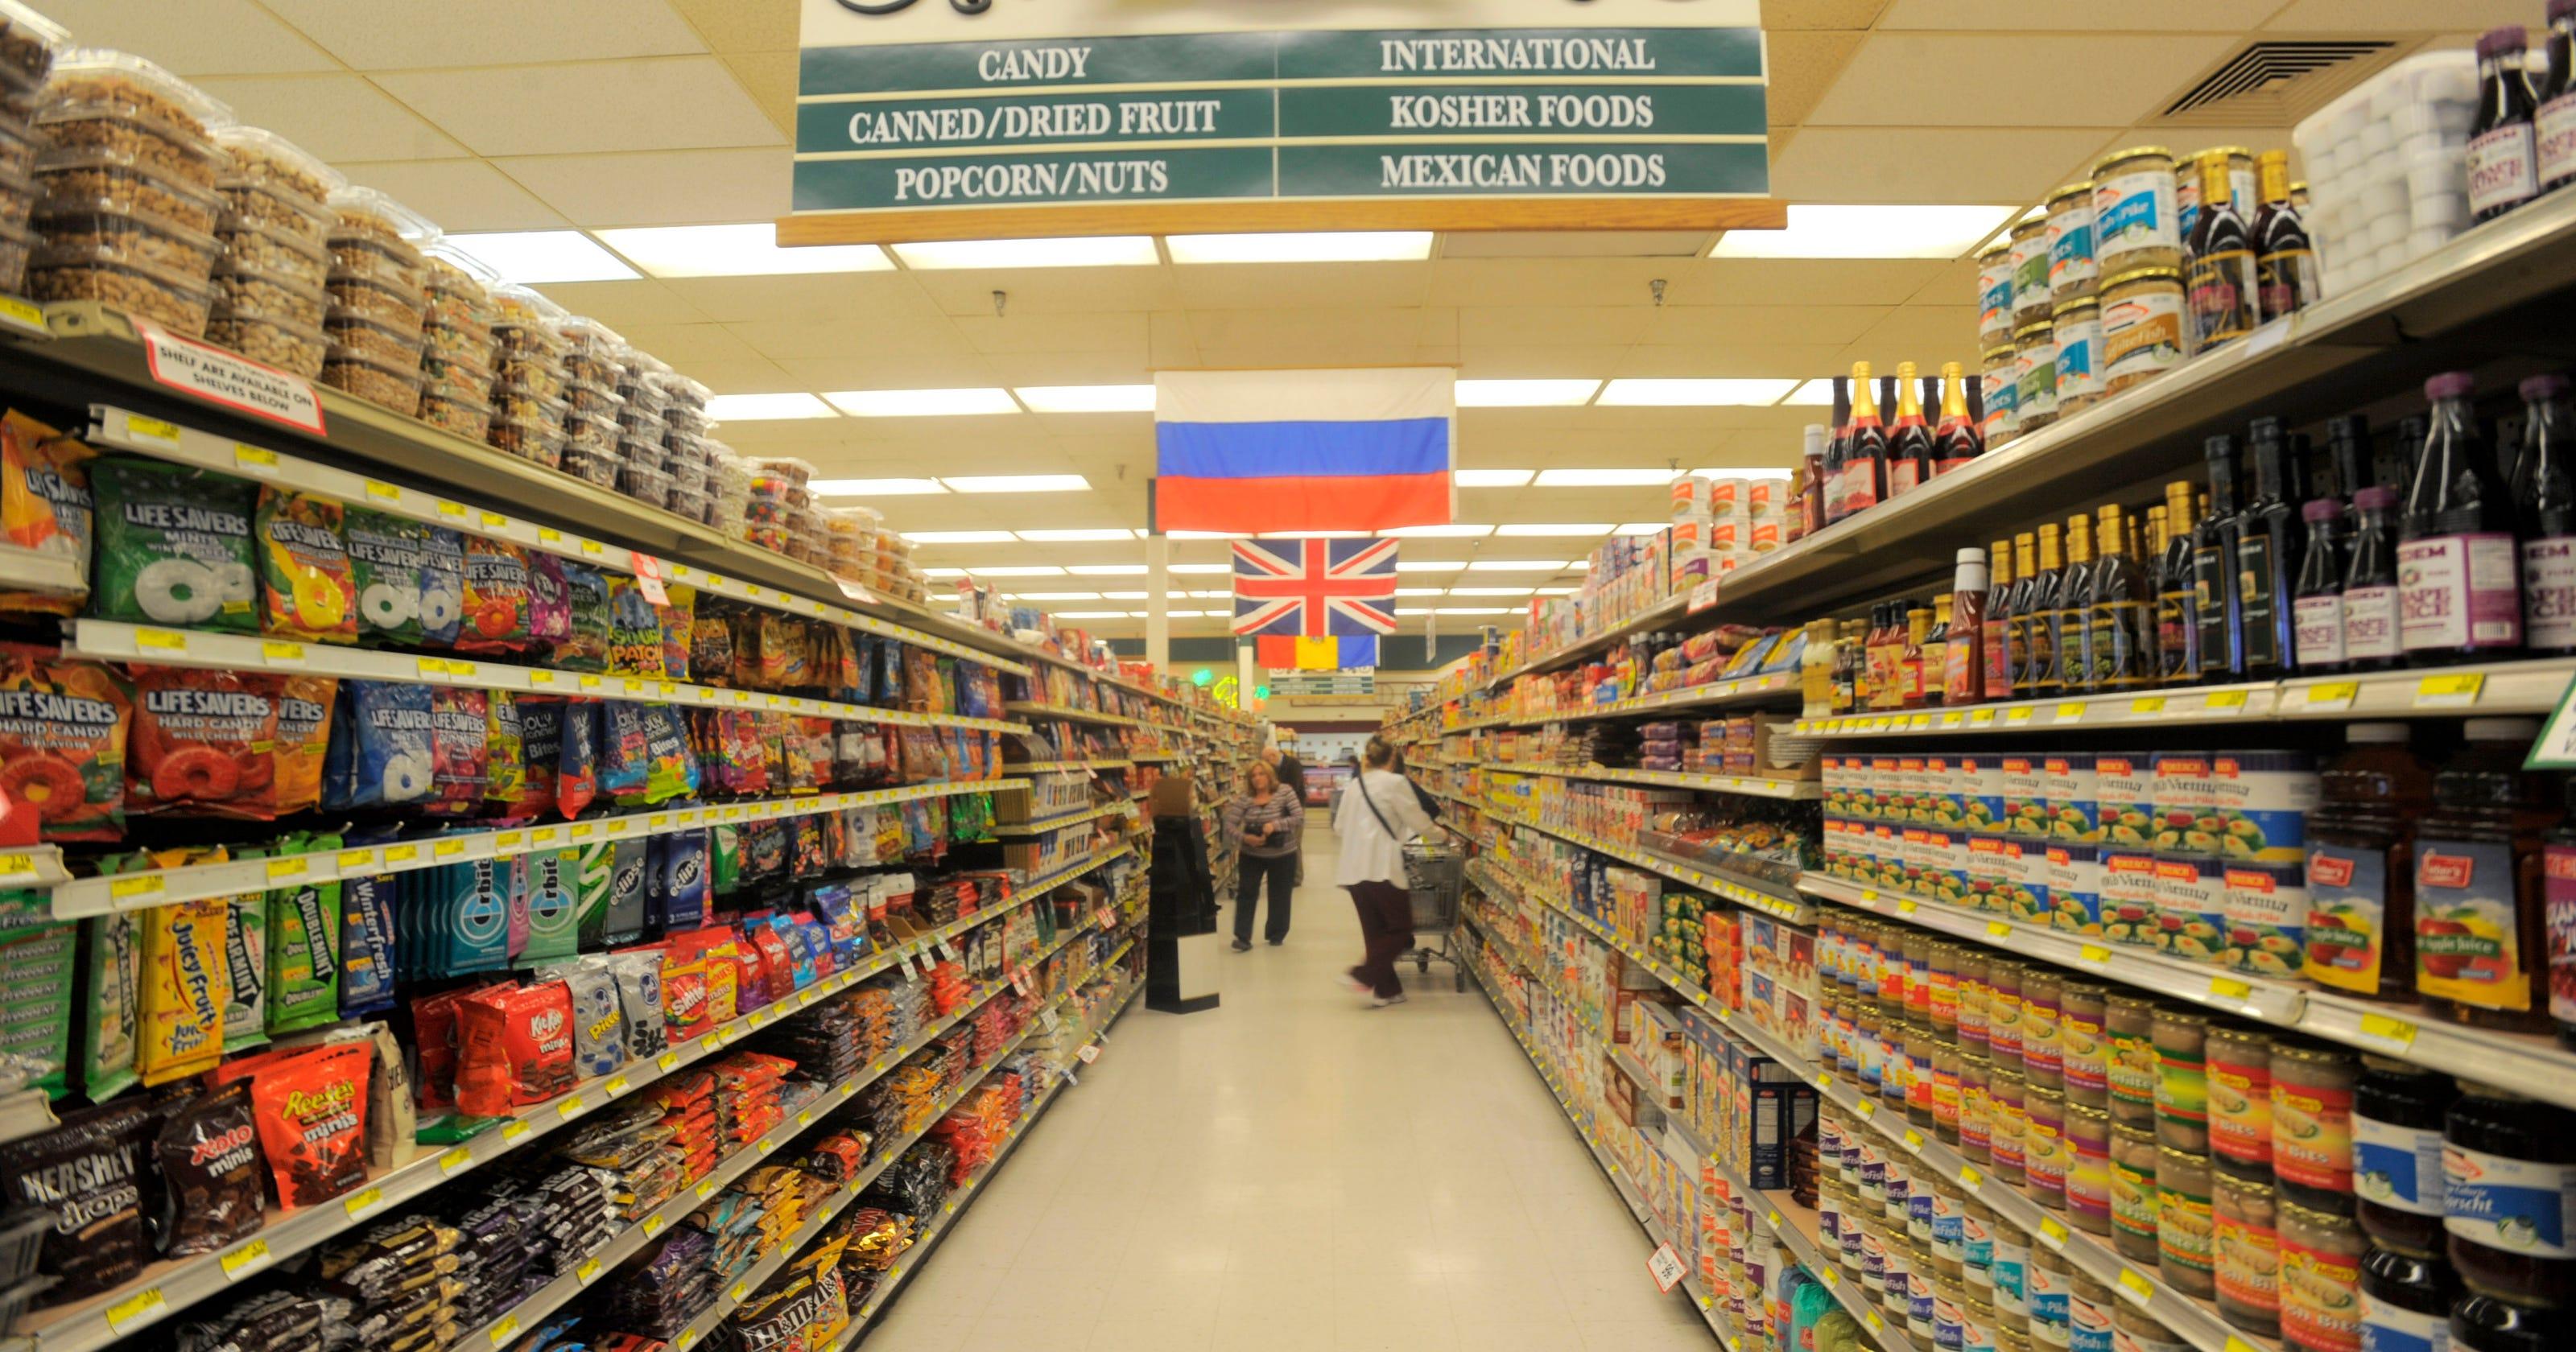 Kroger to buy 7 Hiller's supermarkets, close 1